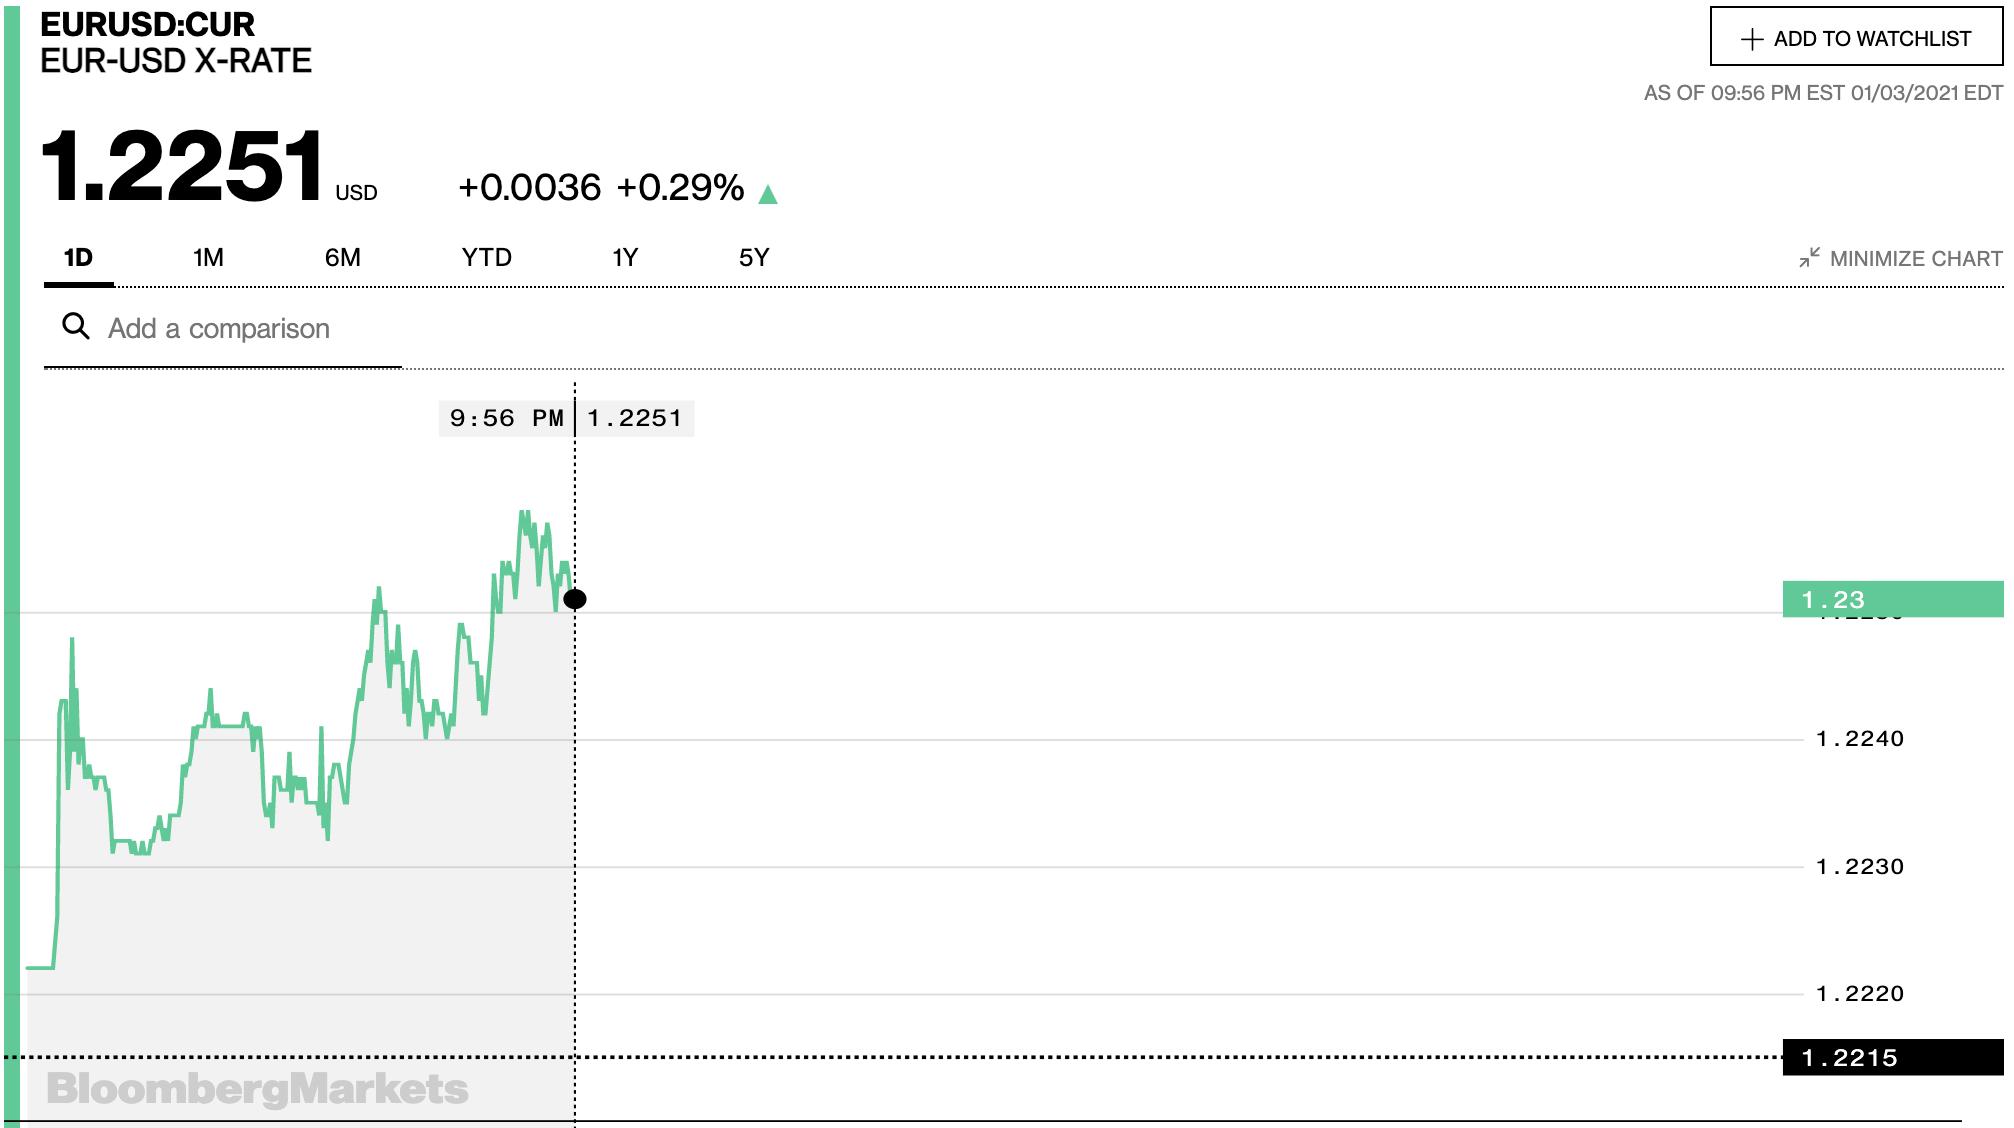 Tỷ giá euro hôm nay 4/1: Tỷ giá euro đồng loạt giảm tại các ngân hàng ngày đầu tuần - Ảnh 2.